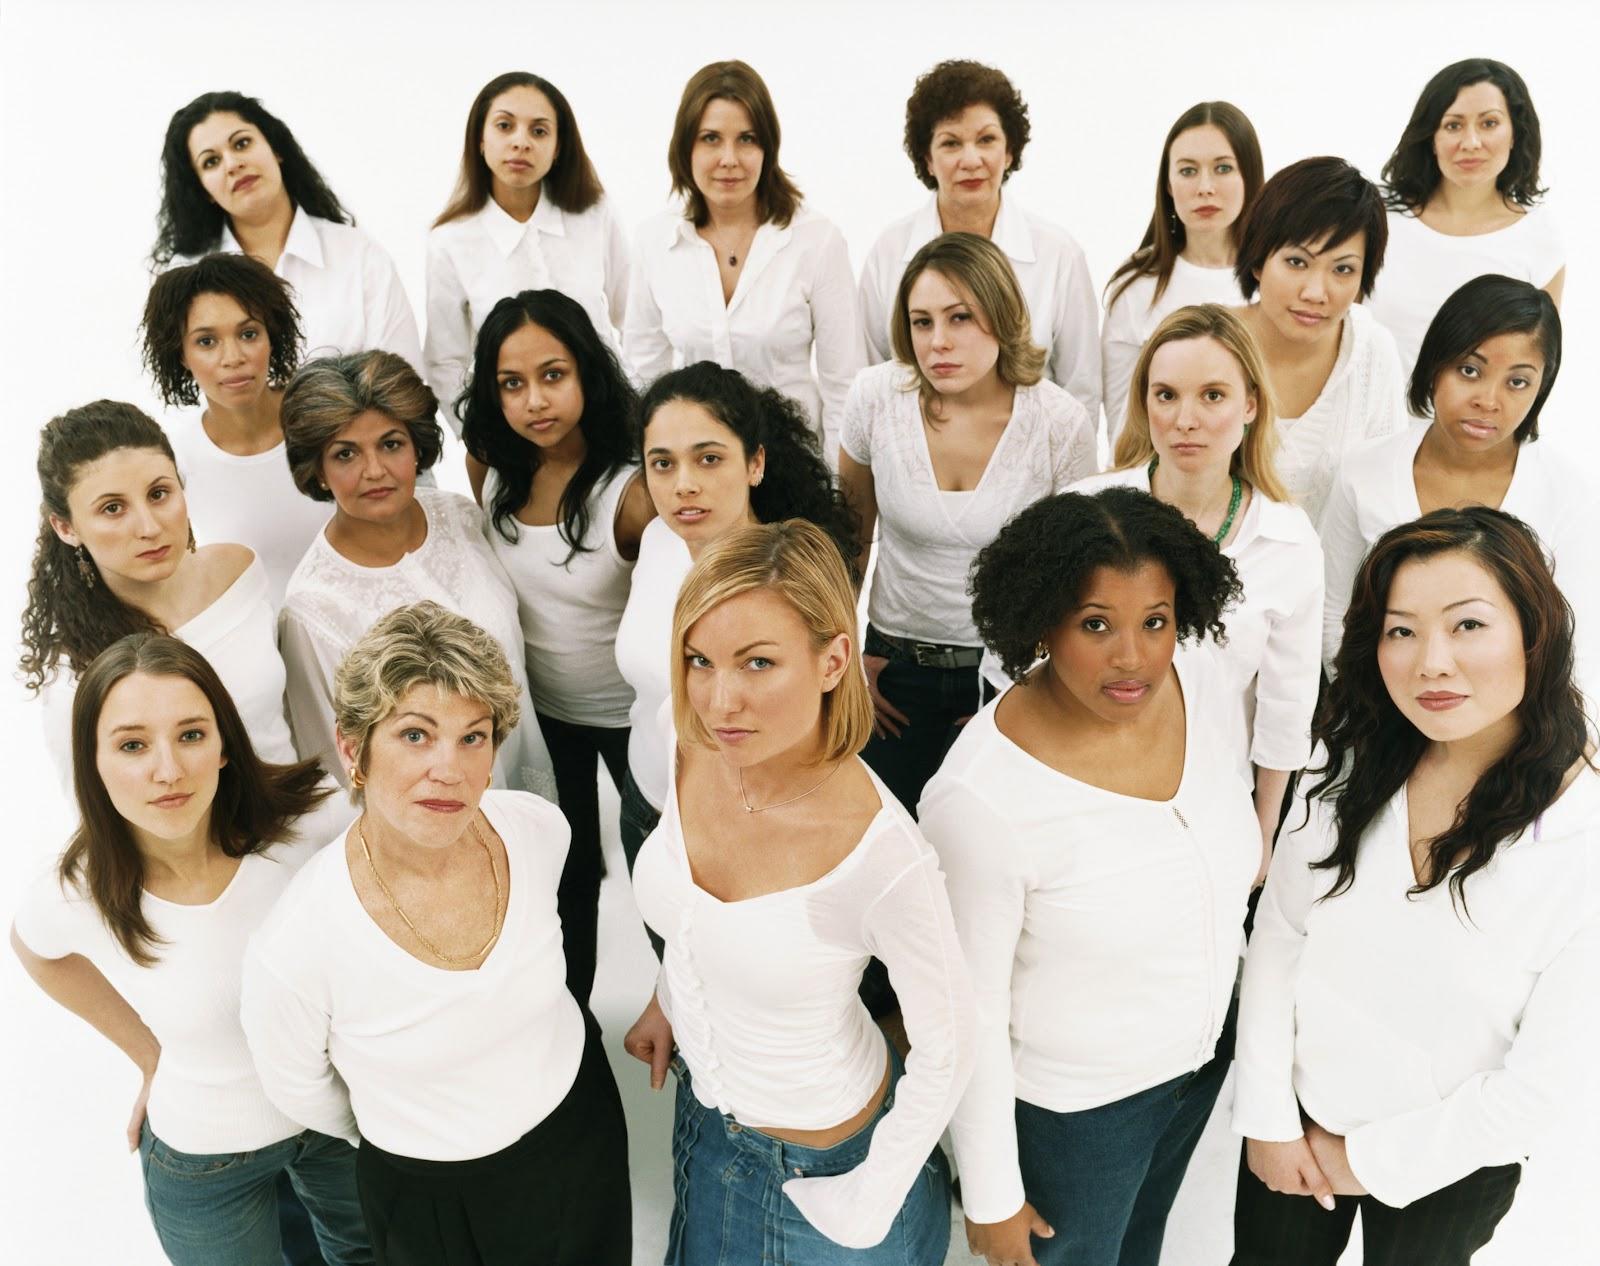 10 medidas políticas para un cambio social integral para la mujer